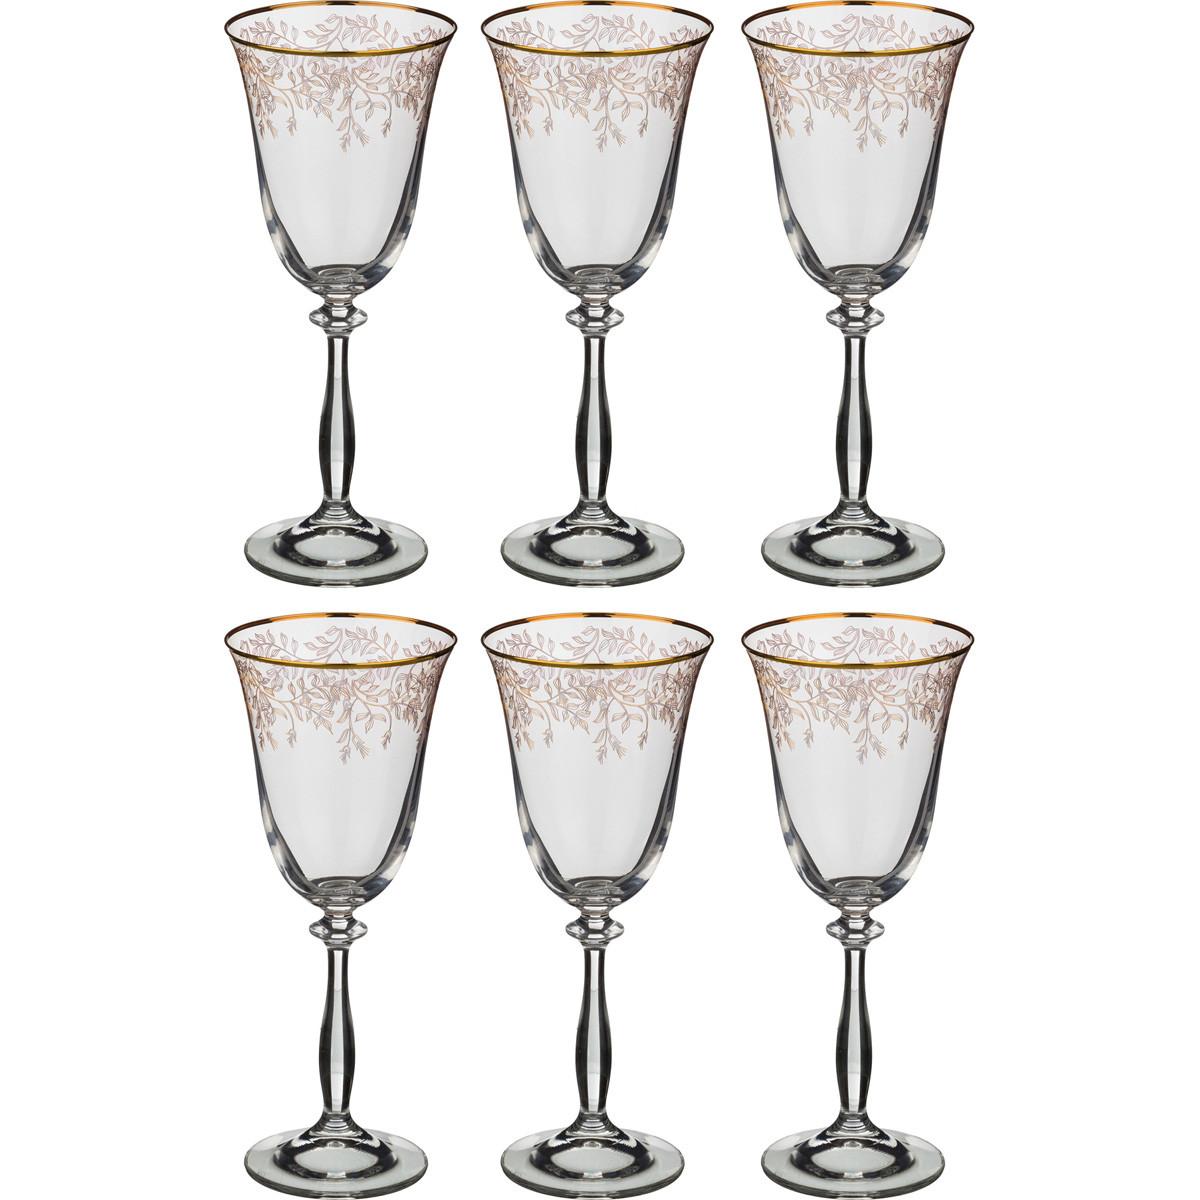 {} Bohemia Crystal Набор бокалов для вина Olivia  (22 см - 6 шт) набор бокалов для бренди коралл 40600 q8105 400 анжела